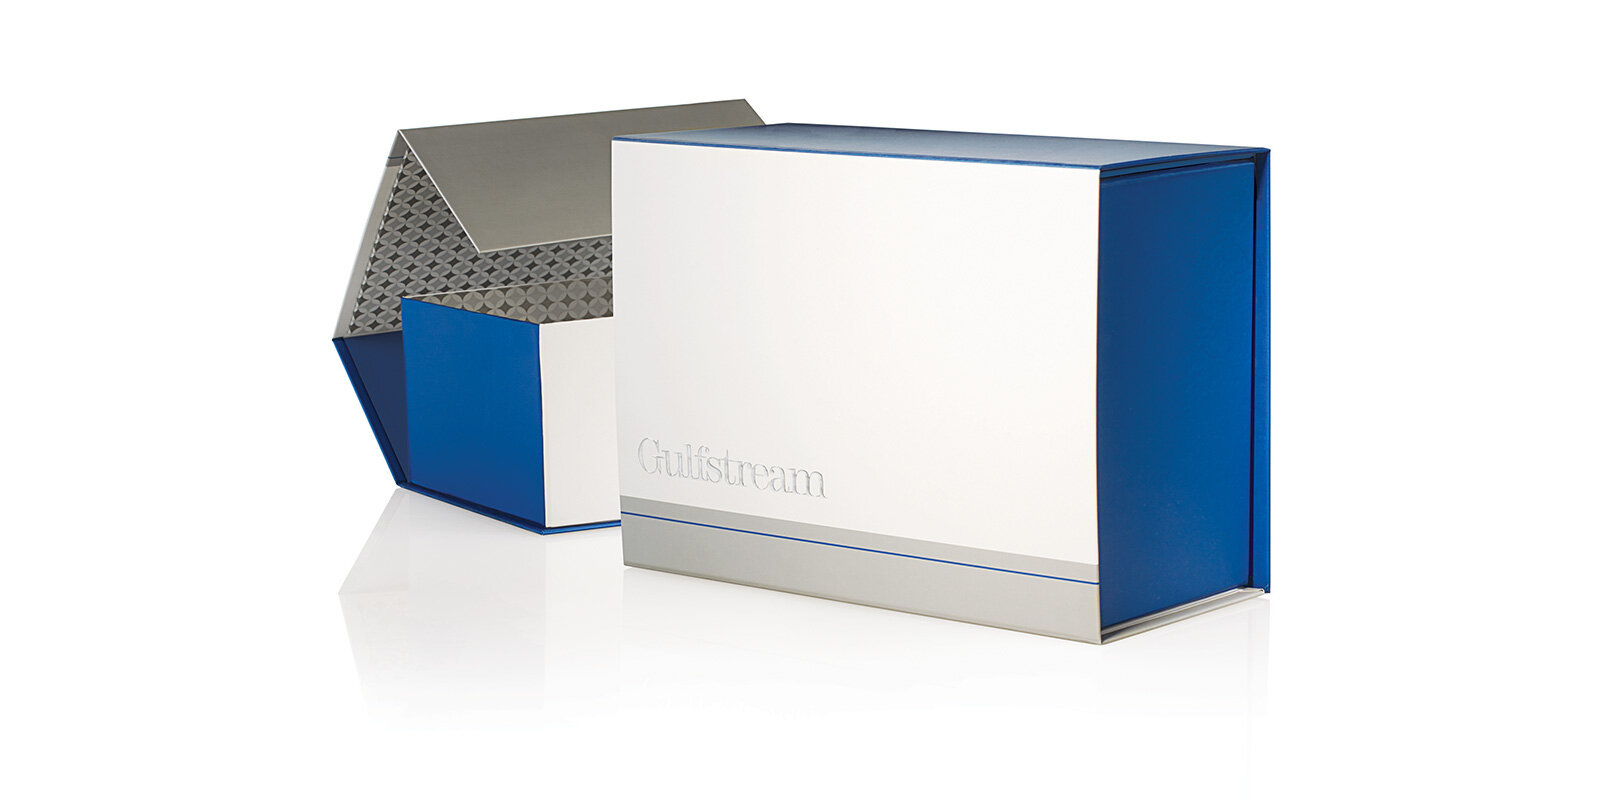 湾流箱包装 - 公司 - 设计-4.JPG